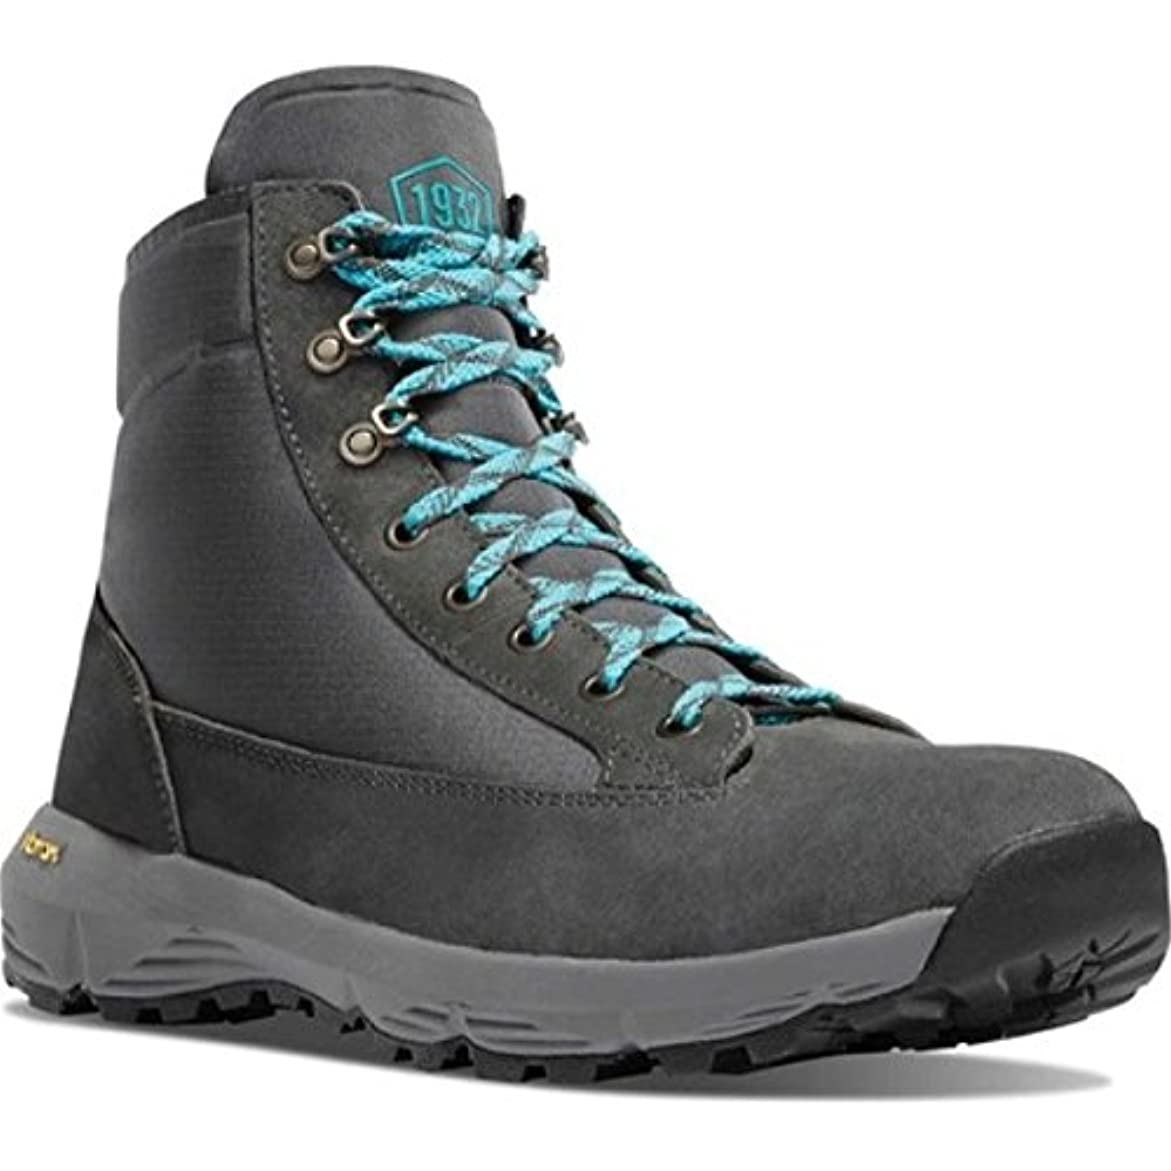 カフェテリア消えるパーティション(ダナー) Danner レディース シューズ?靴 ブーツ Explorer 650 6